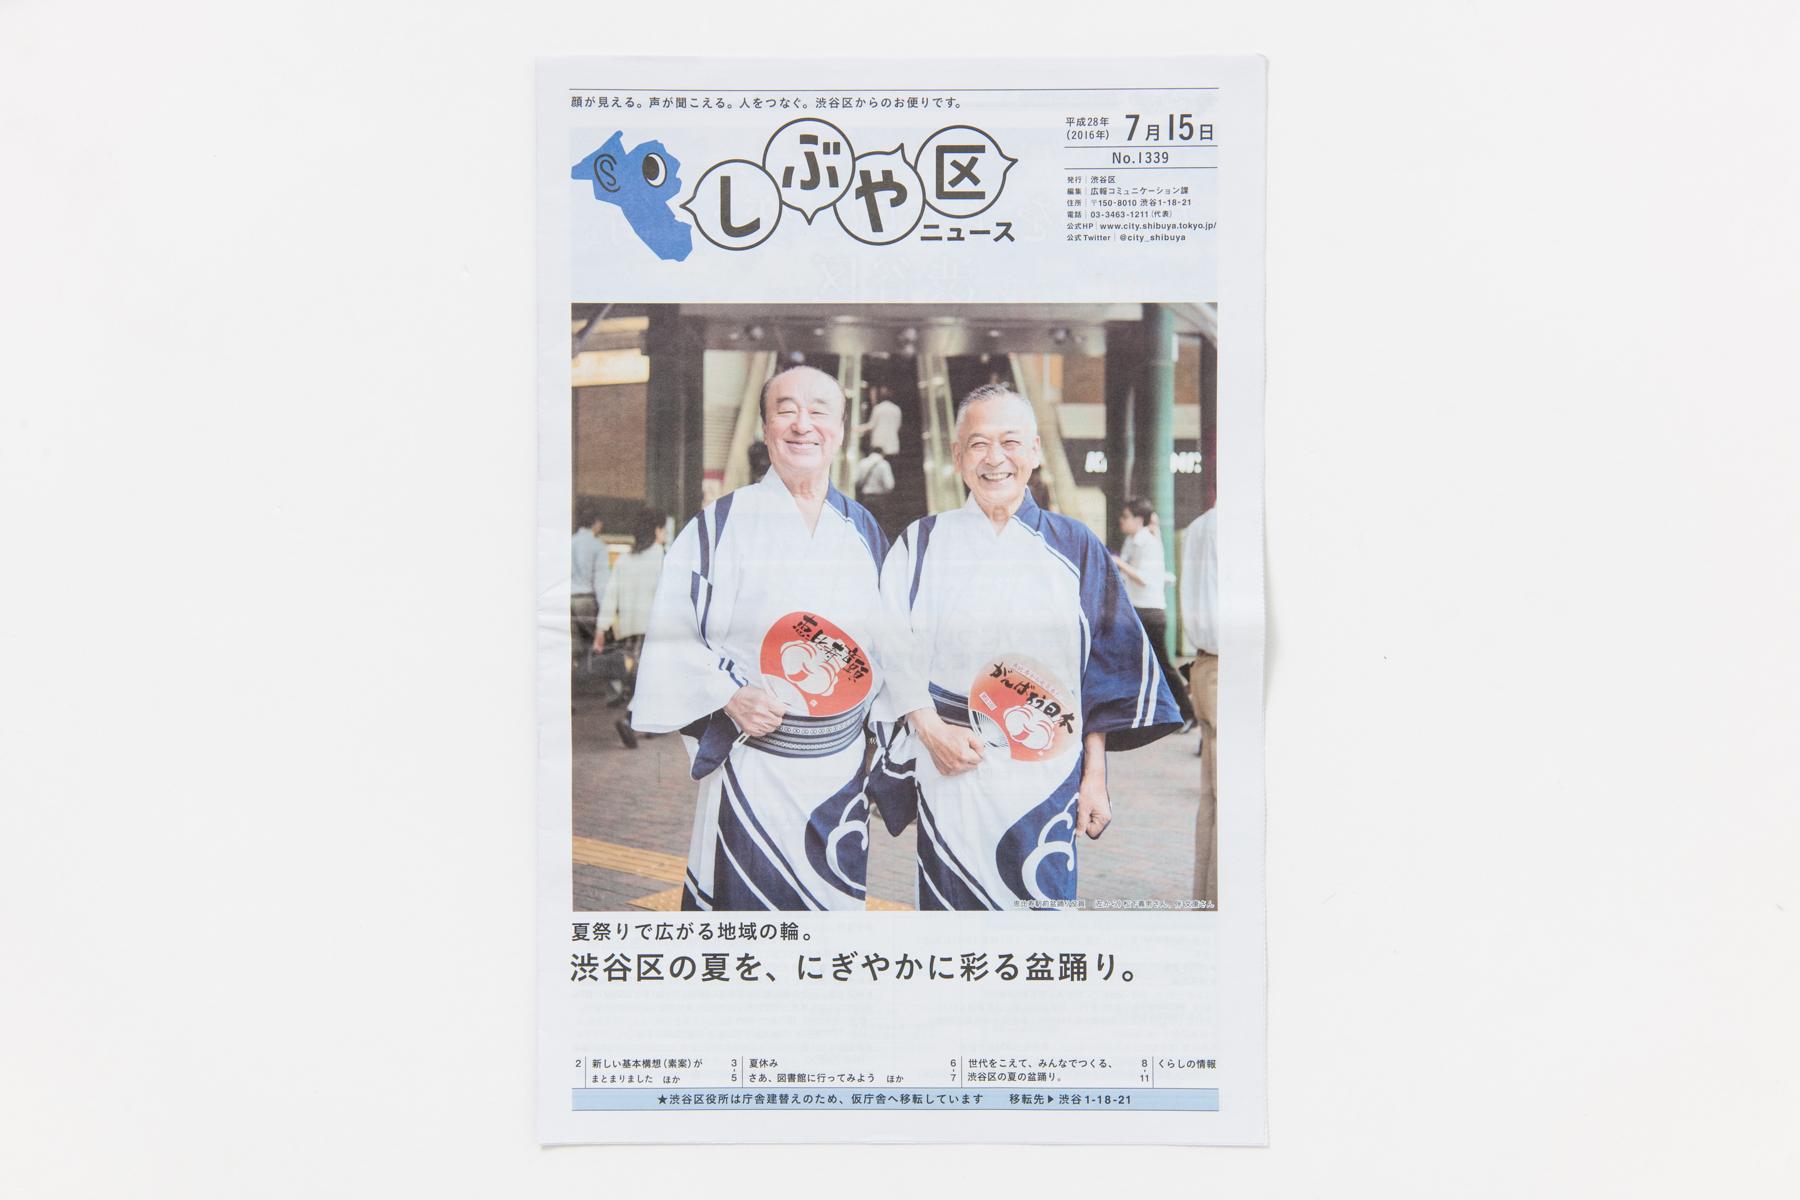 しぶや区ニュース 7月15日号 2016 photo:TADA